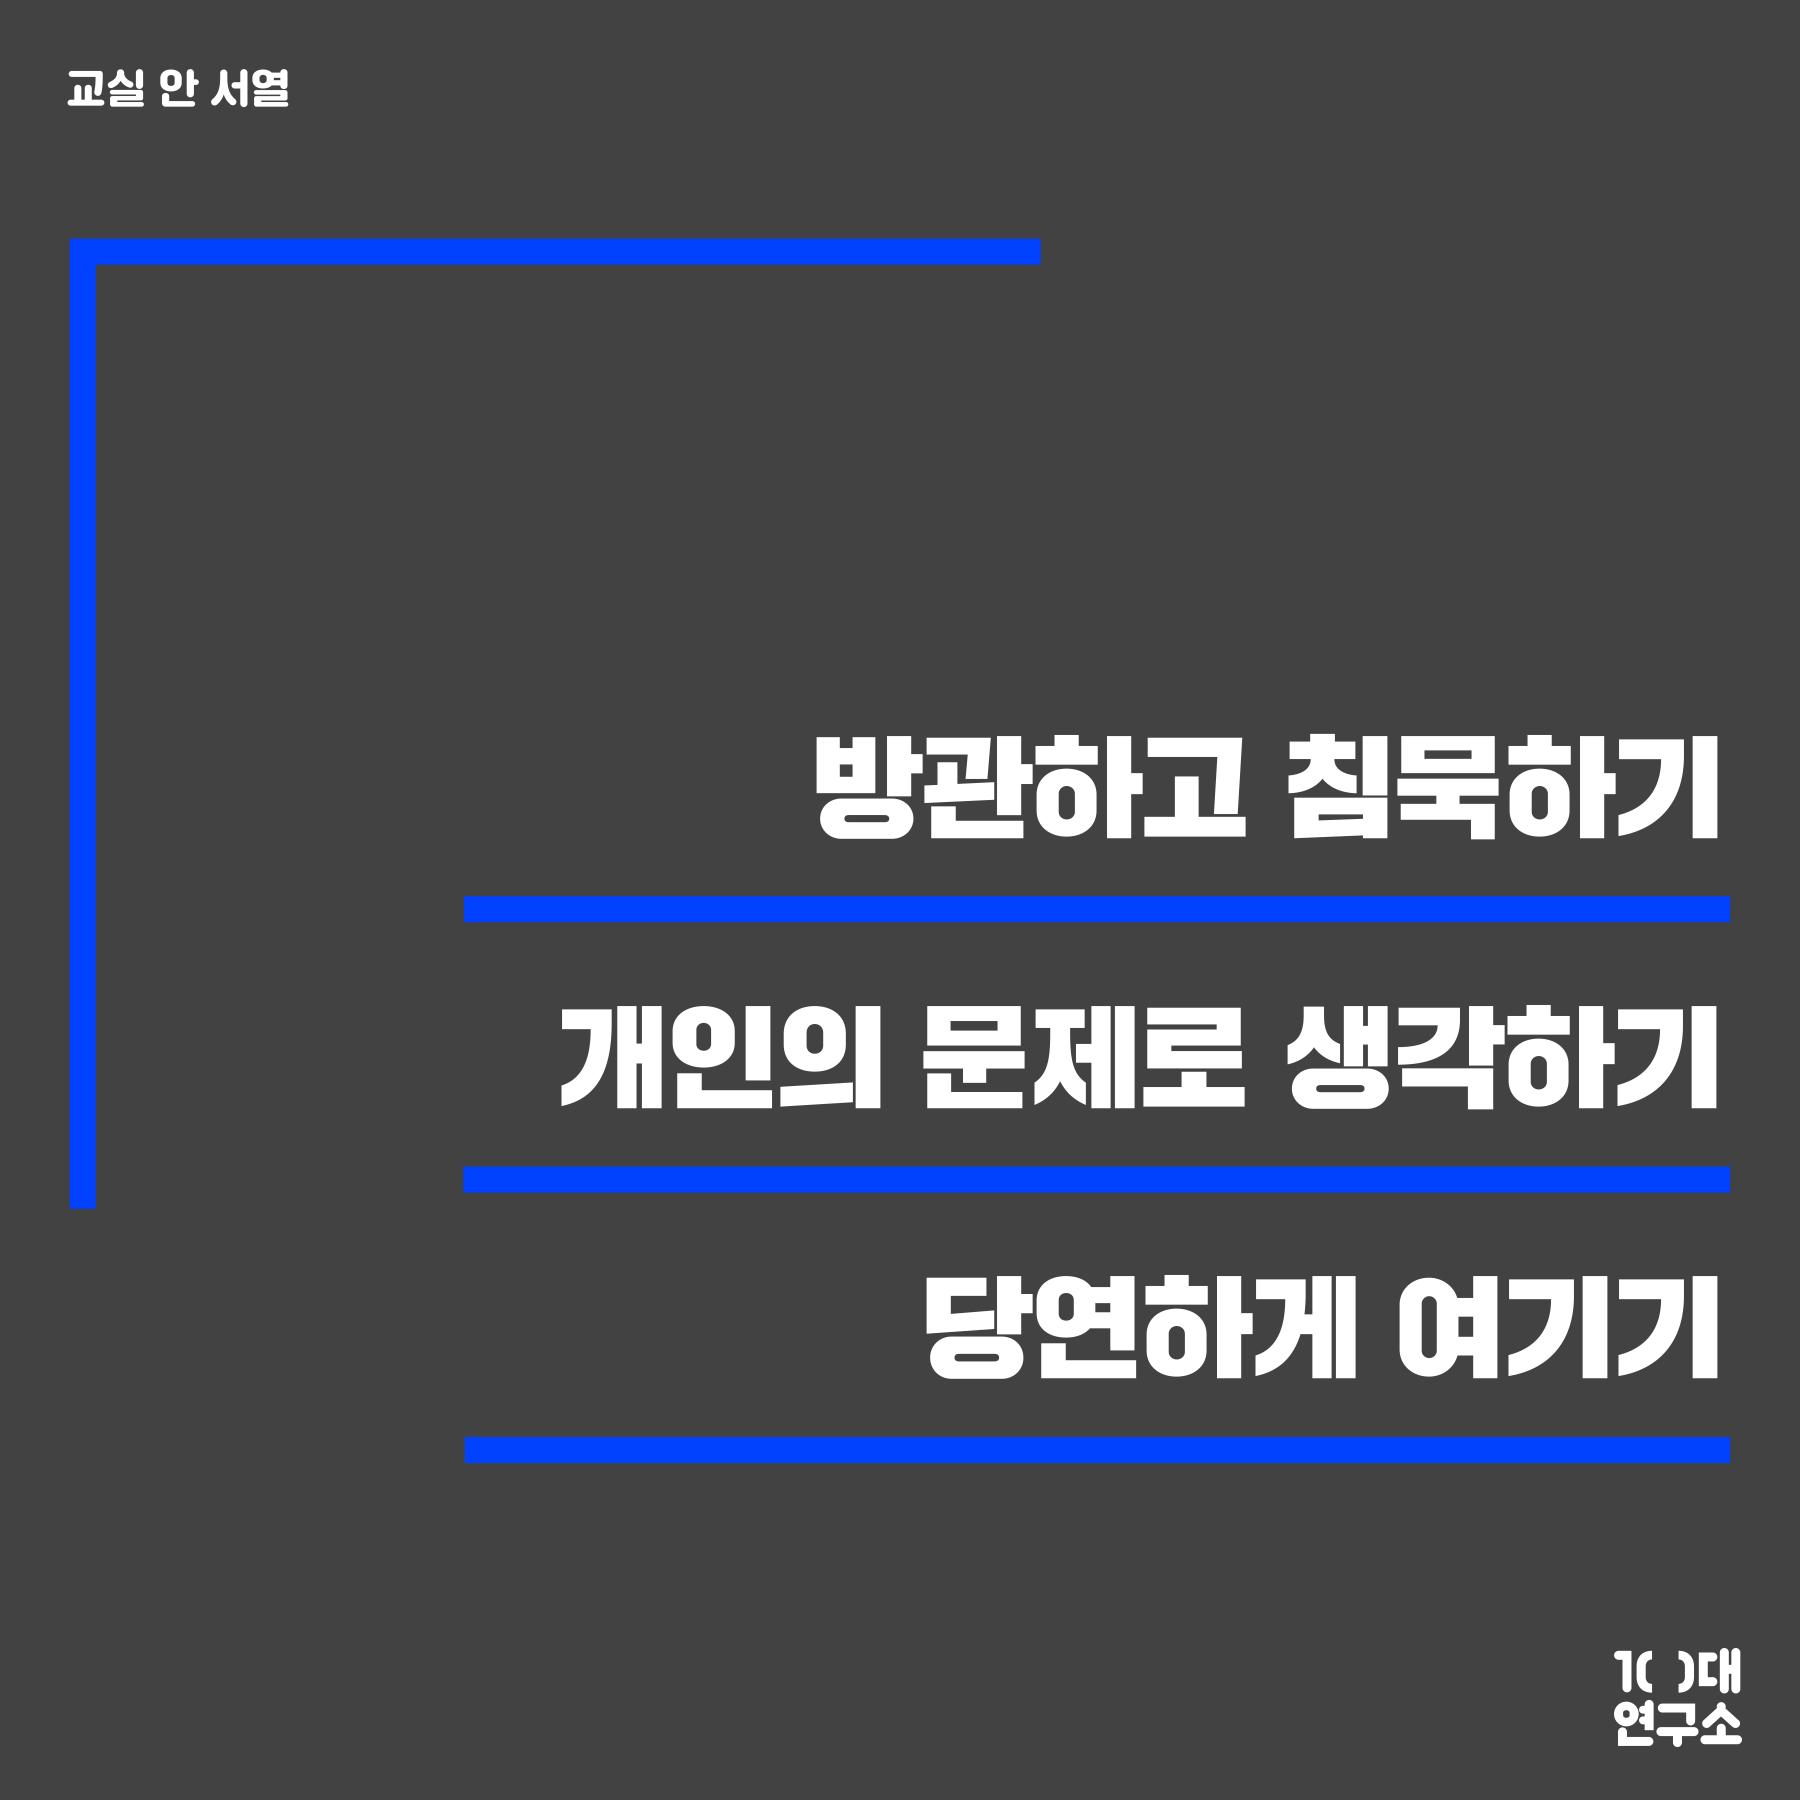 교실 안 서열_17.png